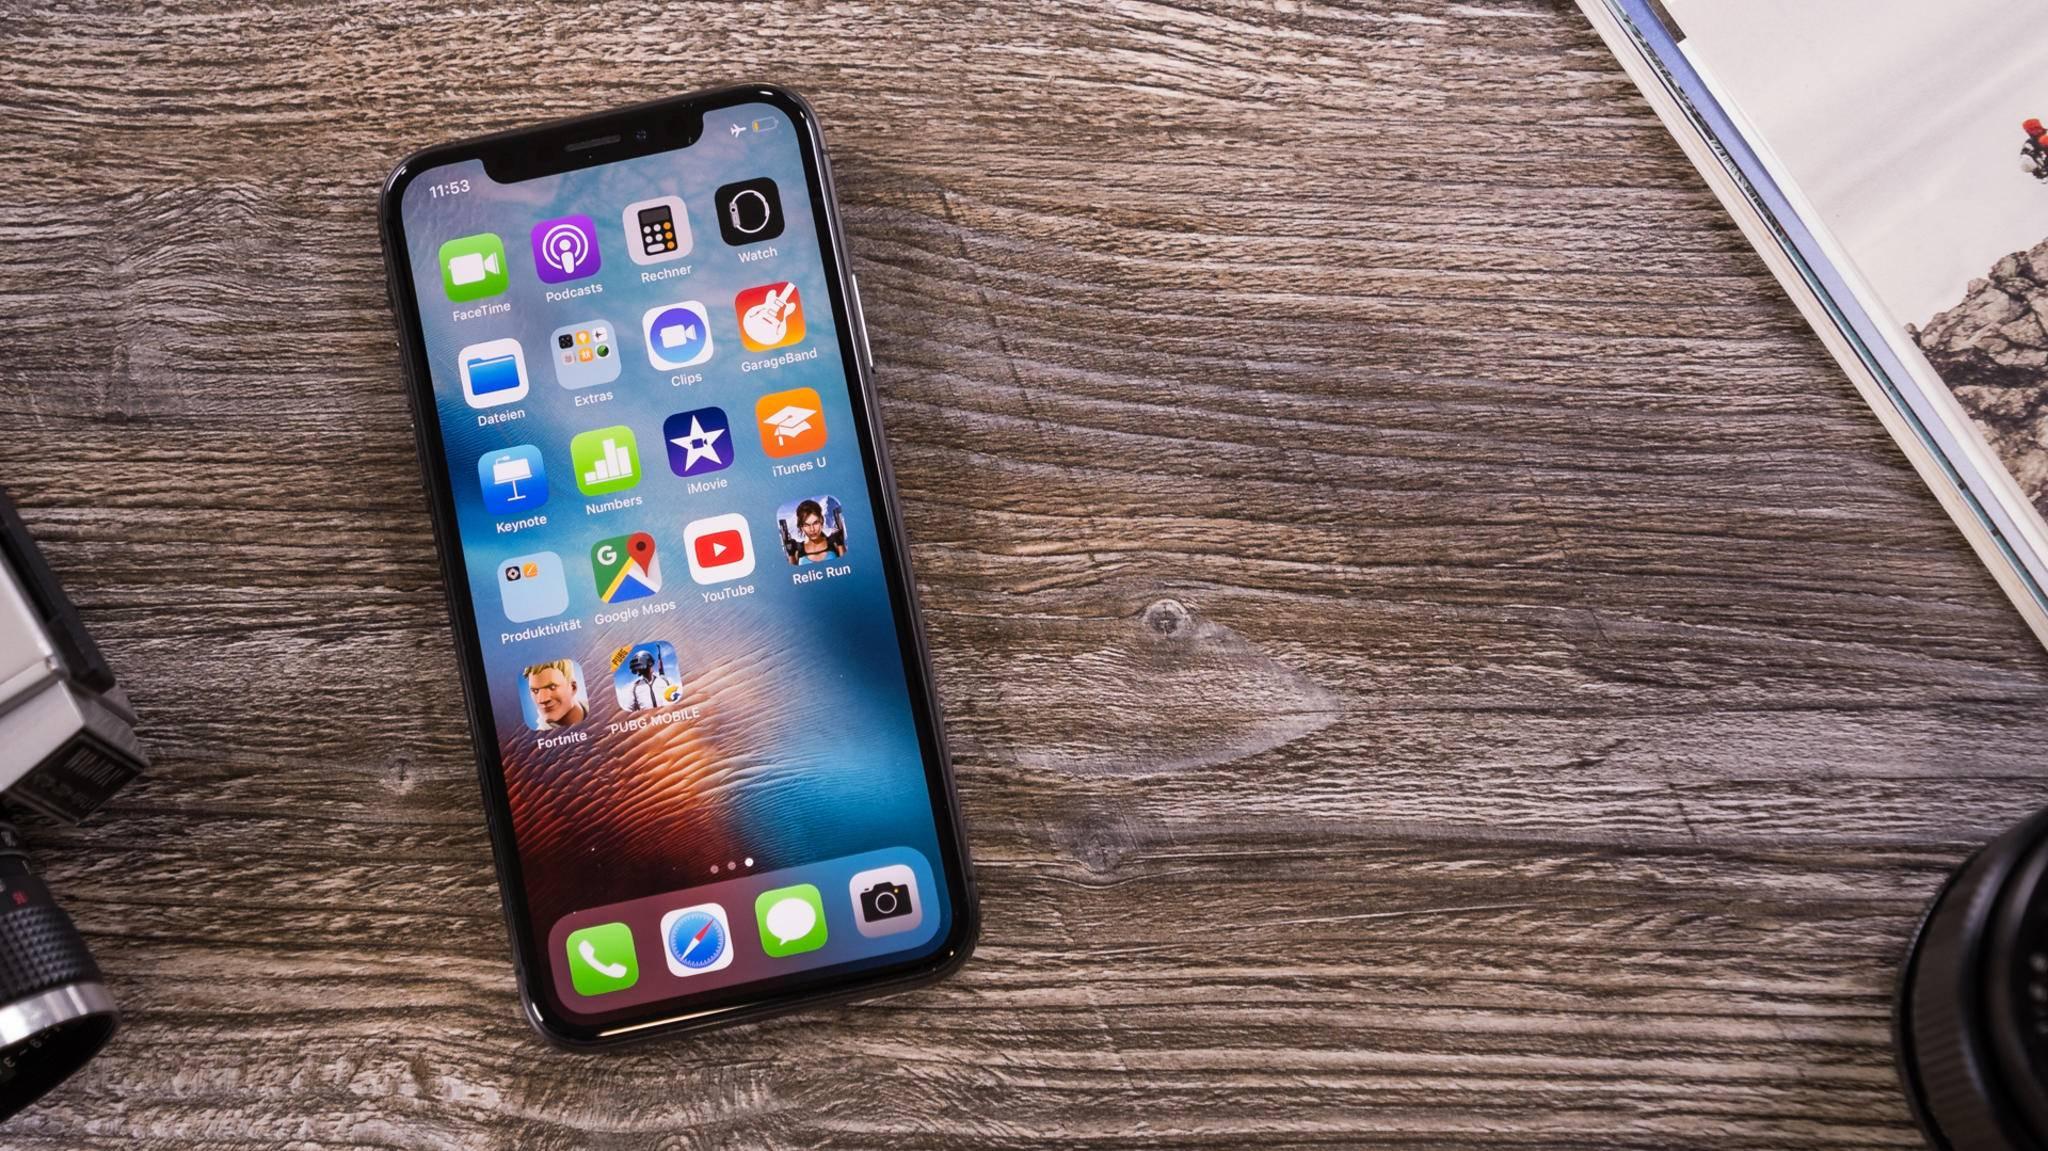 Entgegen dem Mythos fiel das iPhone X im Konkurrenzvergleich nicht durch eine herausragende Screen-Body-Ratio auf.